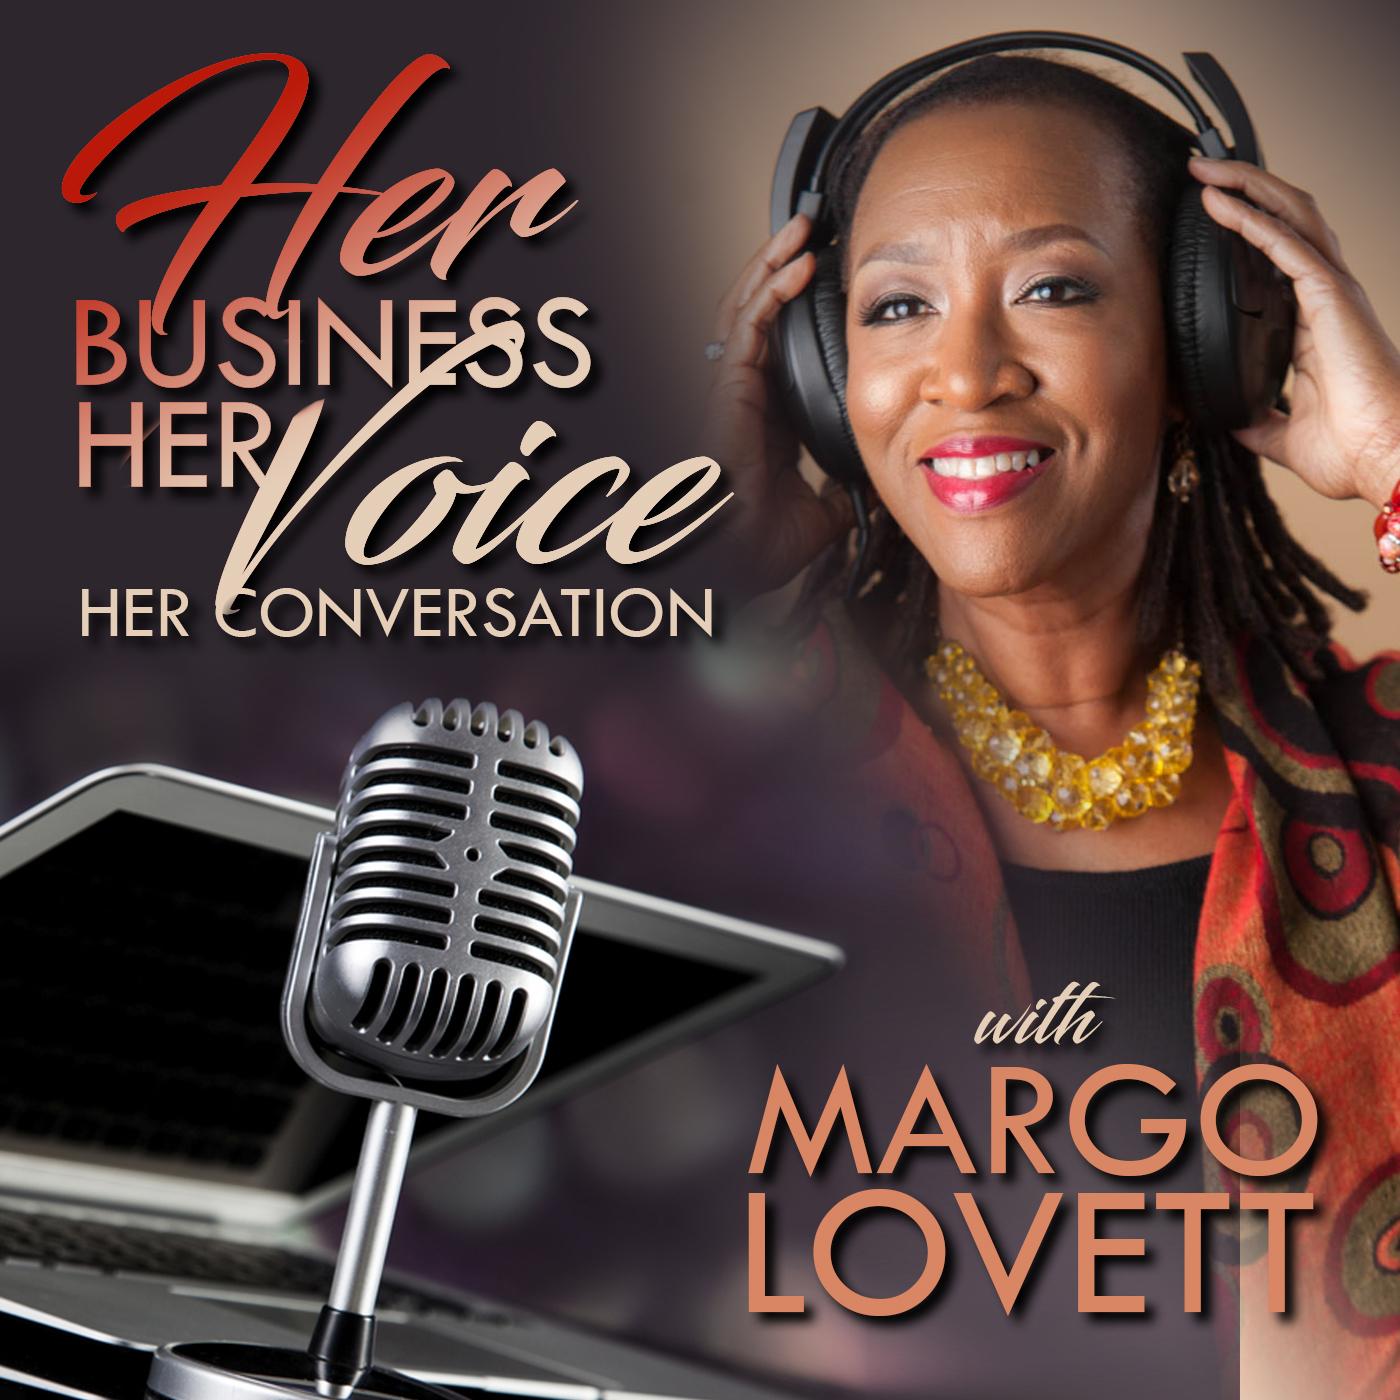 Her Business-Her Voice-Her Conversation   Listen via